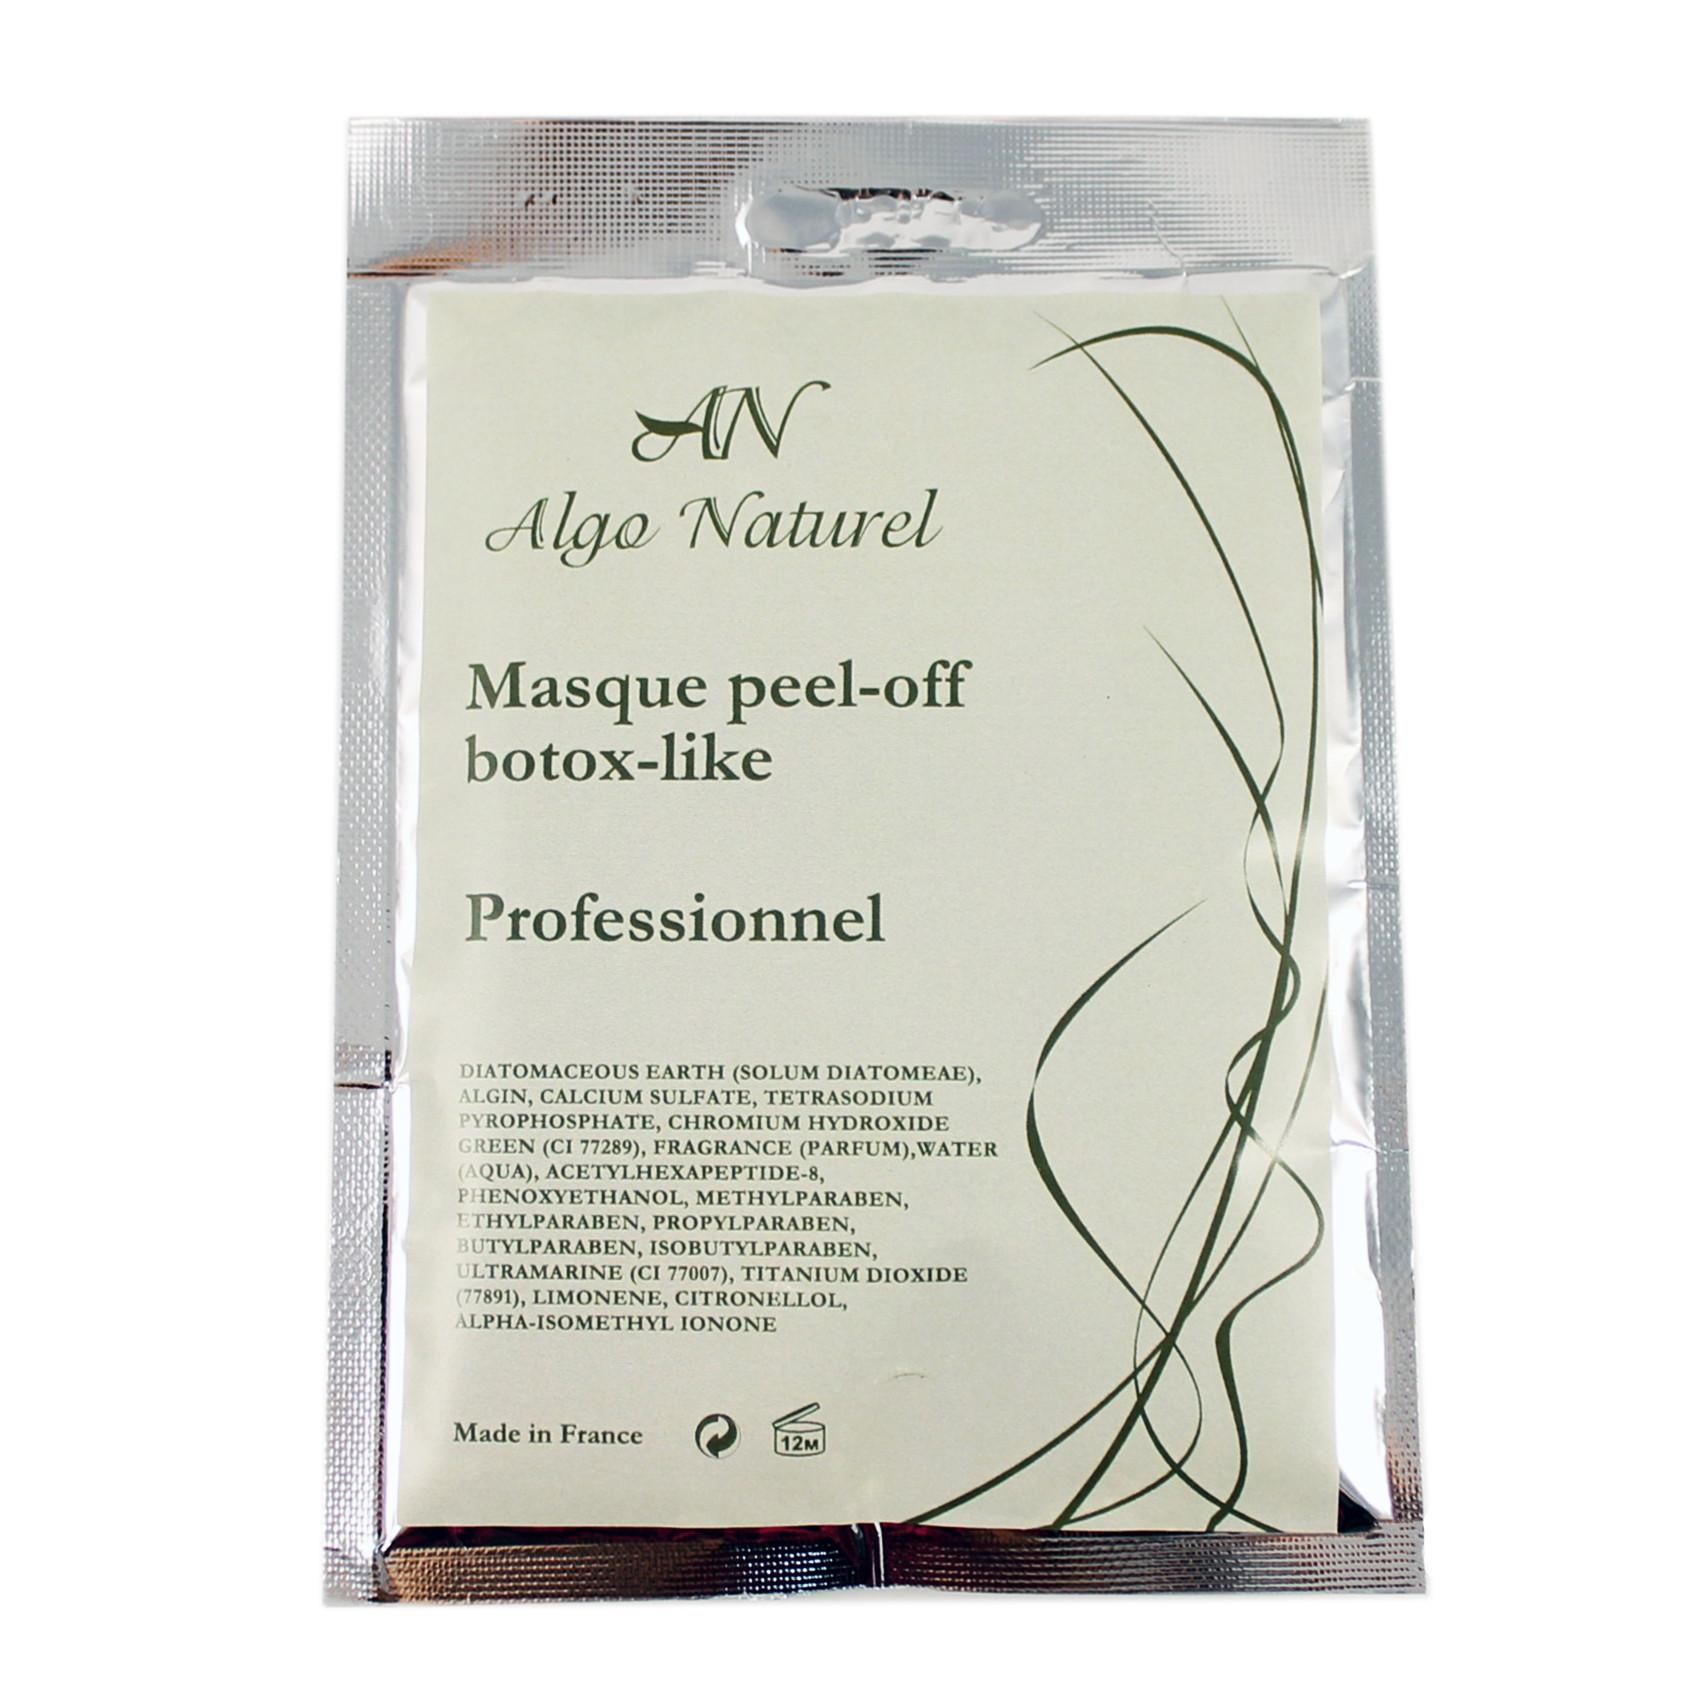 Альгинатная маска Algo Naturel с эффектом ботокса 25 г